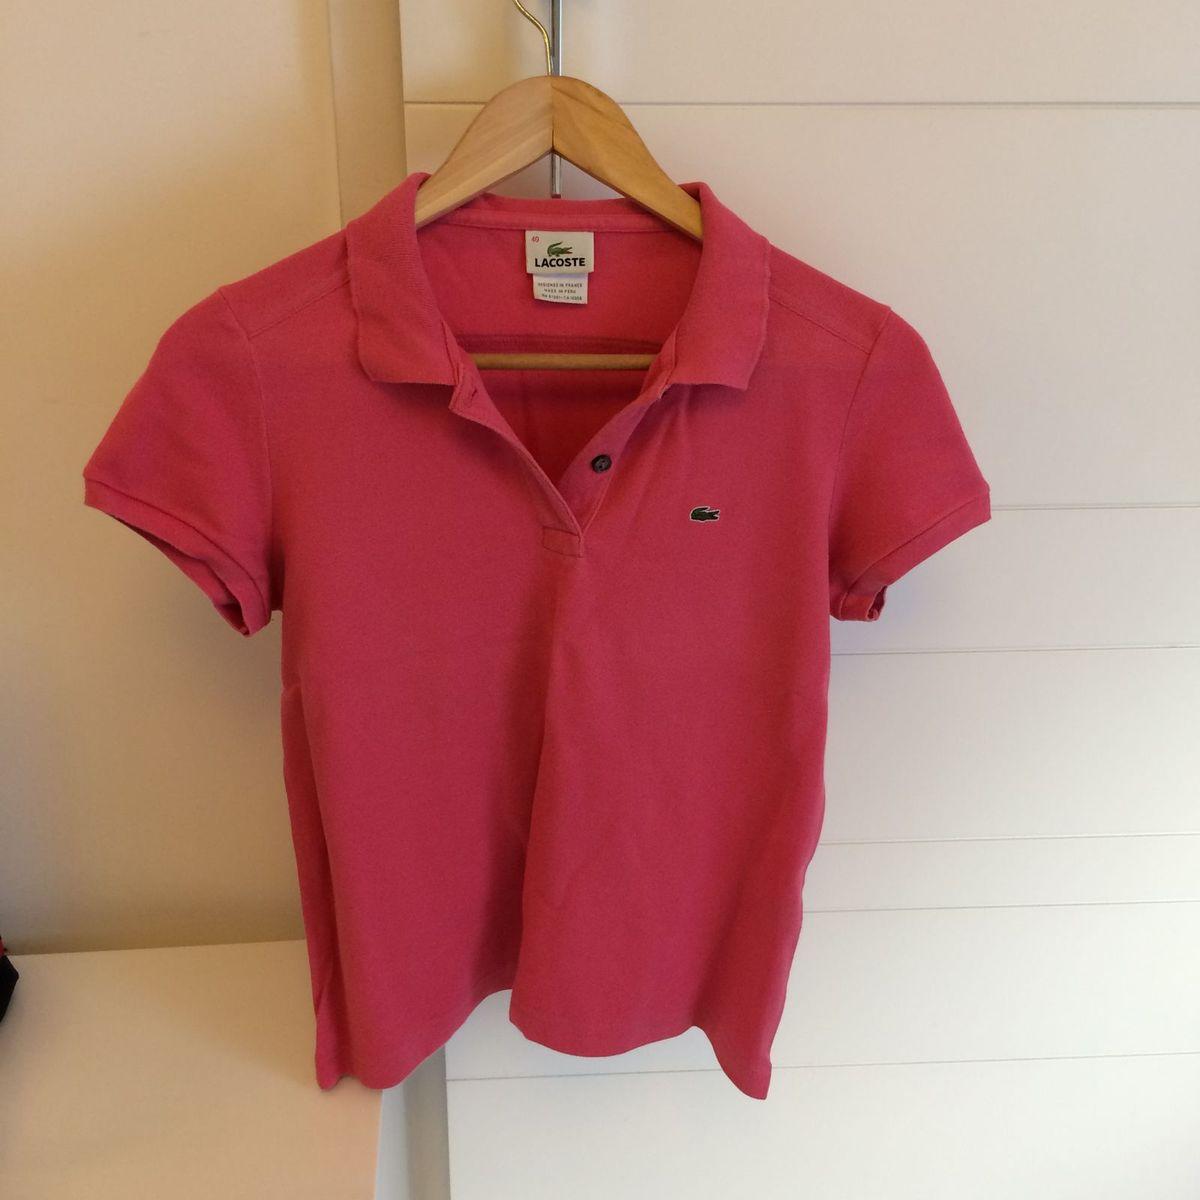 camisa pólo lacoste - blusas lacoste.  Czm6ly9wag90b3muzw5qb2vplmnvbs5ici9wcm9kdwn0cy84ndgxmzuvmzvlndk3y2zkotiwzti4ogu4ngnjogqymwnjndzinmmuanbn  ... 53194d5854